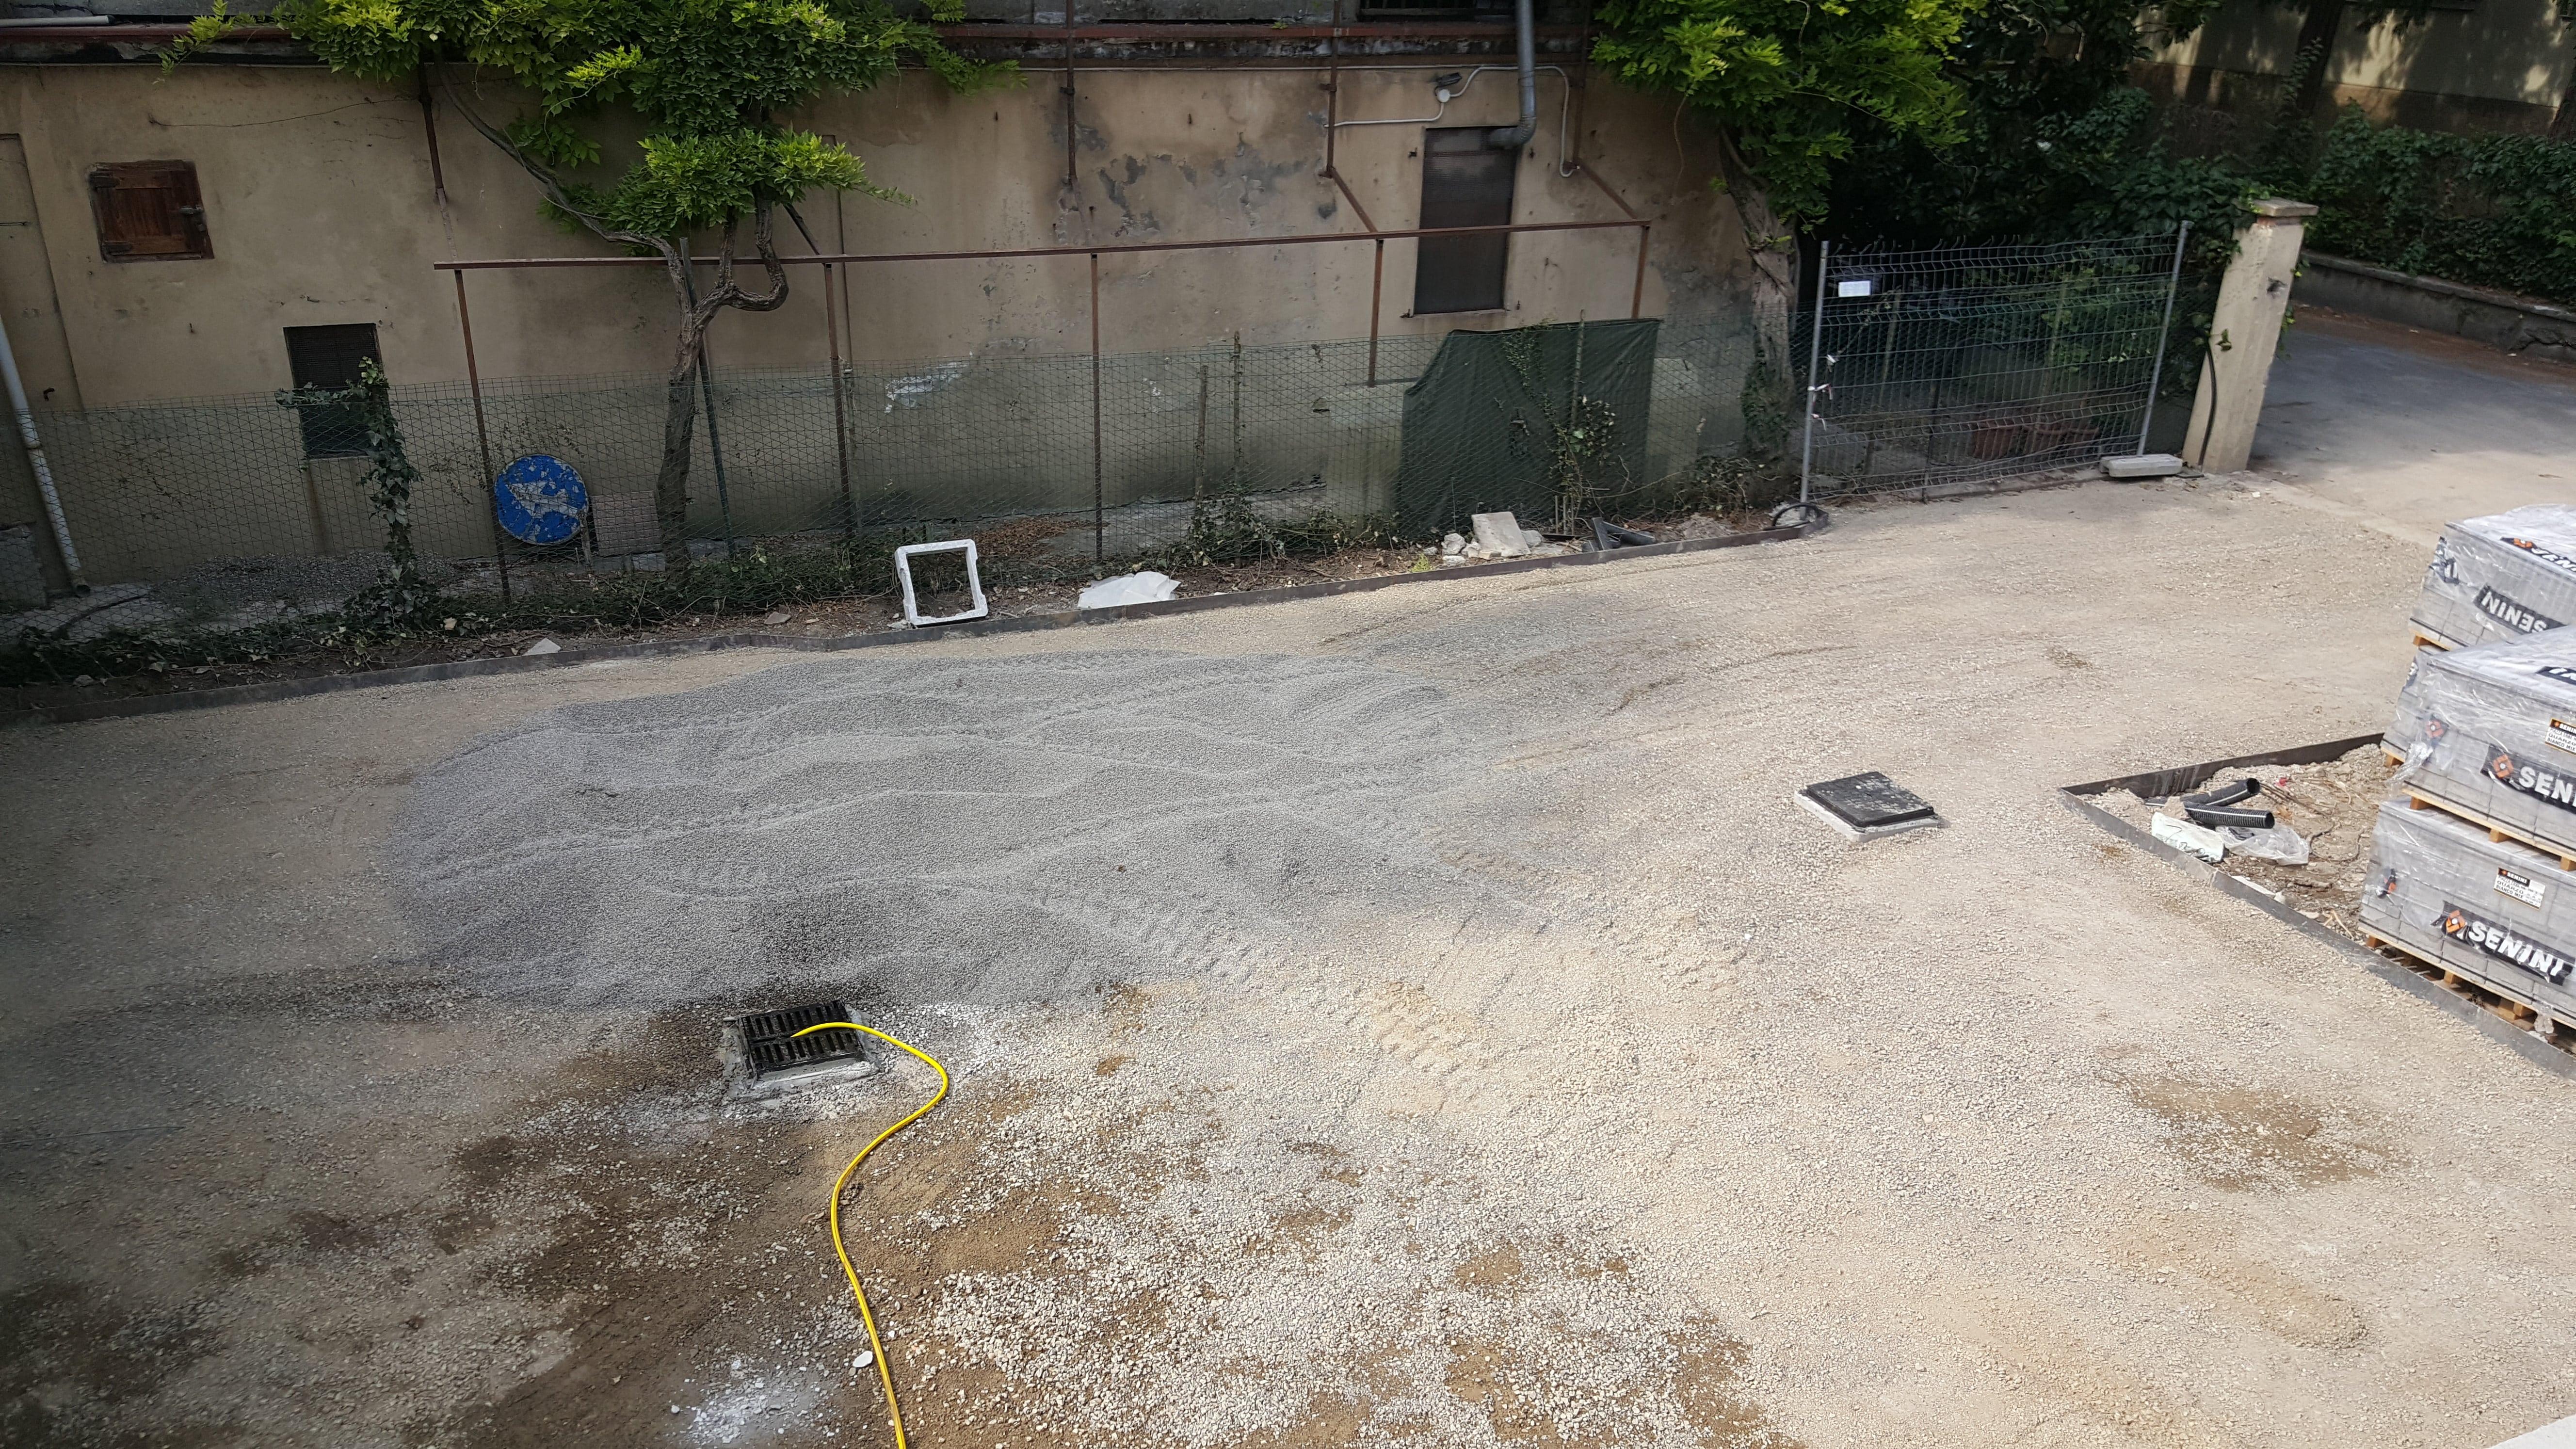 Ristrutturazione casa reggio emilia, parcheggio